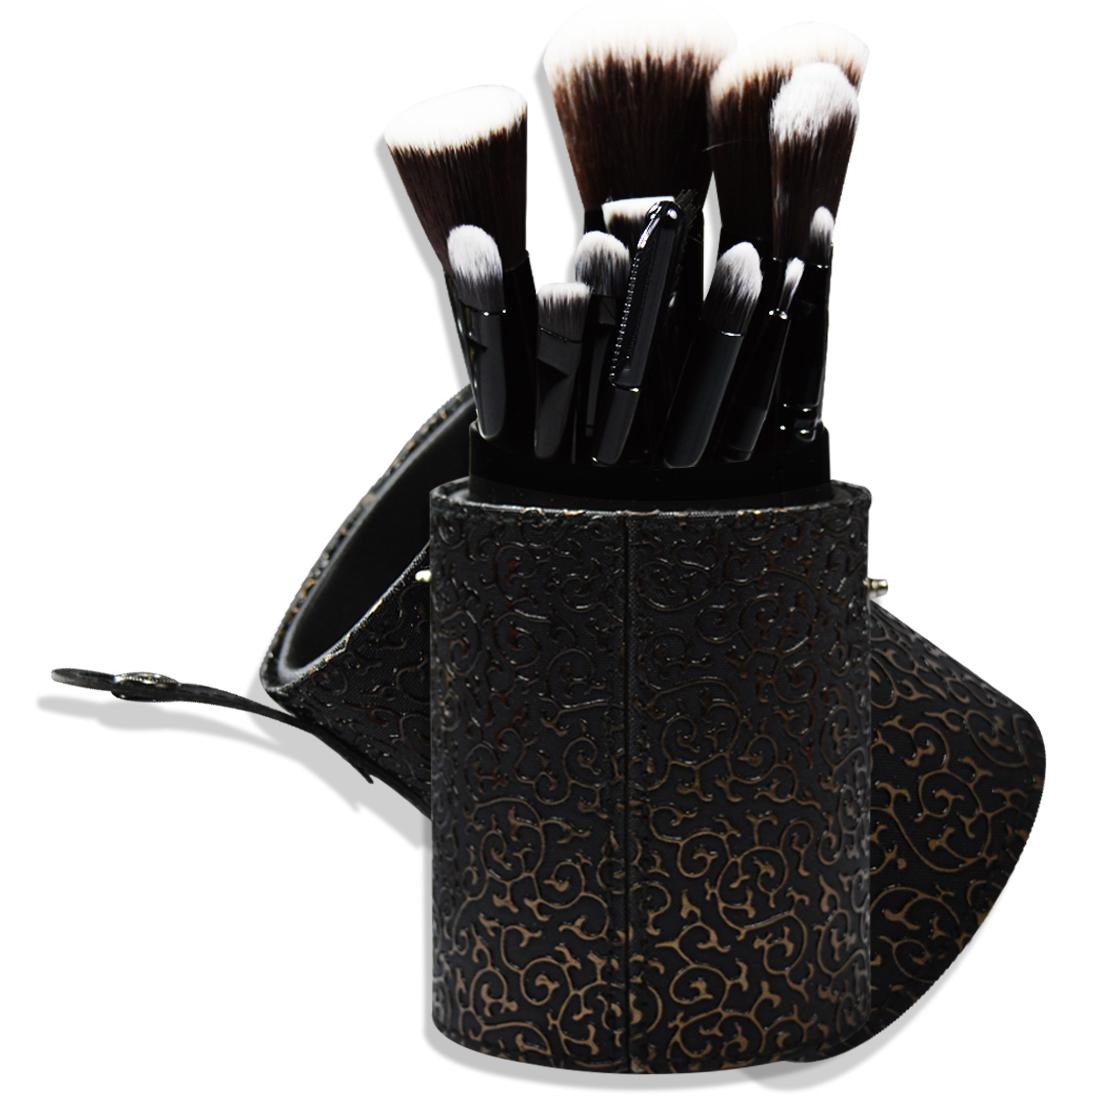 Adbeni Imported 1PC Black Brushes Cylinder Makeup Round Tube Cosmetic Makeup Brushes 12PCs